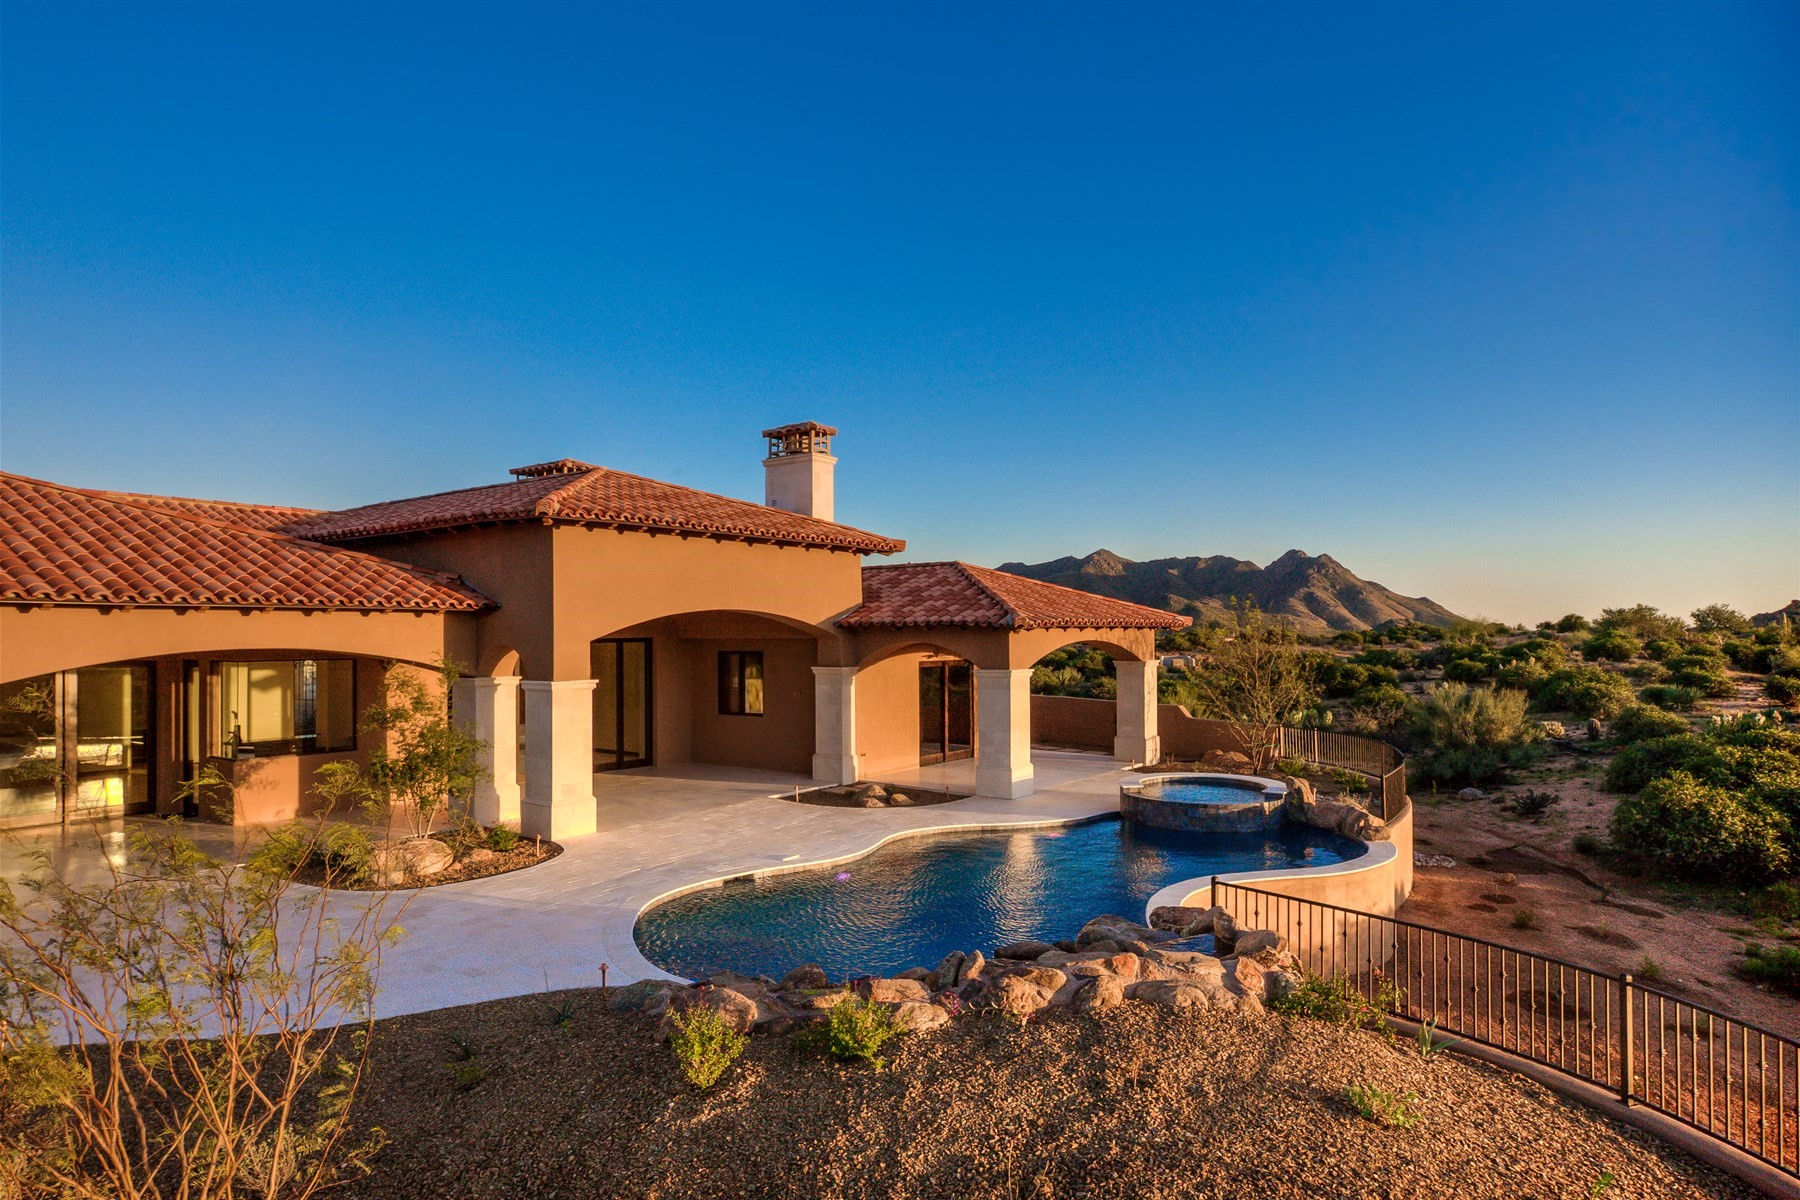 Einfamilienhaus für Verkauf beim Completed custom Scottsdale home in Collina E Vista 11704 E Diamond Cholla Dr Scottsdale, Arizona, 85255 Vereinigte Staaten